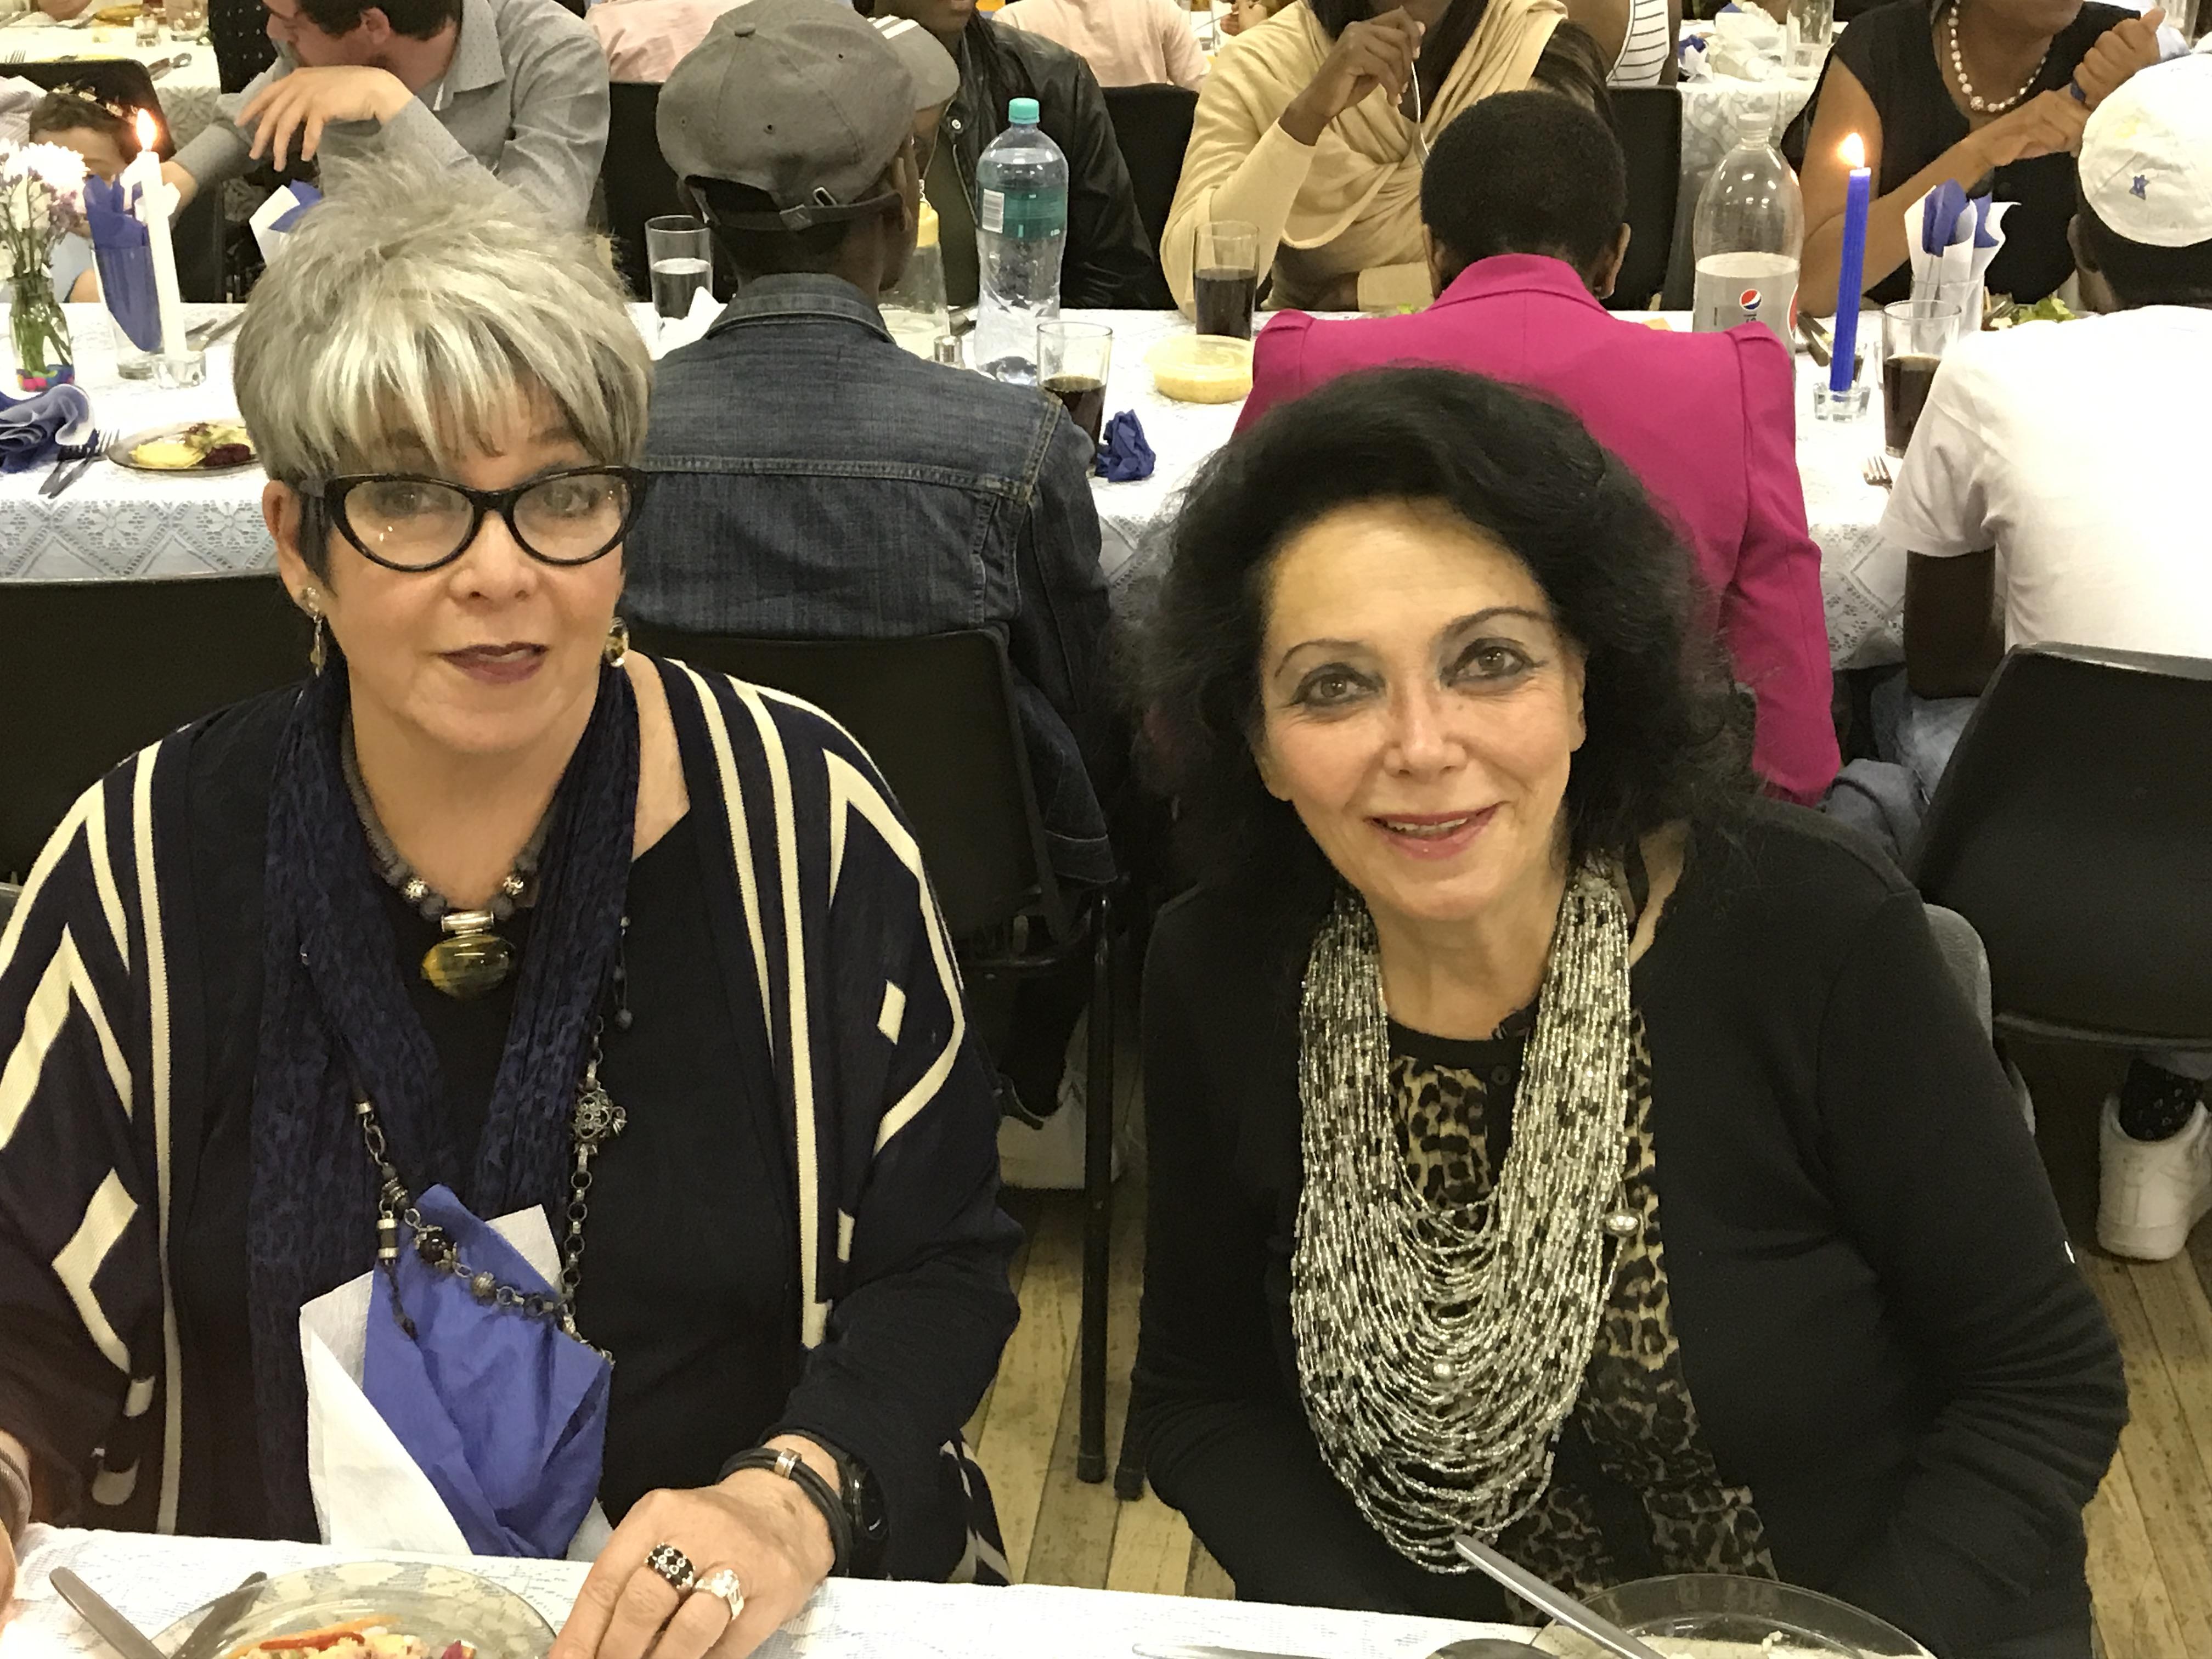 Sonya and Barbara